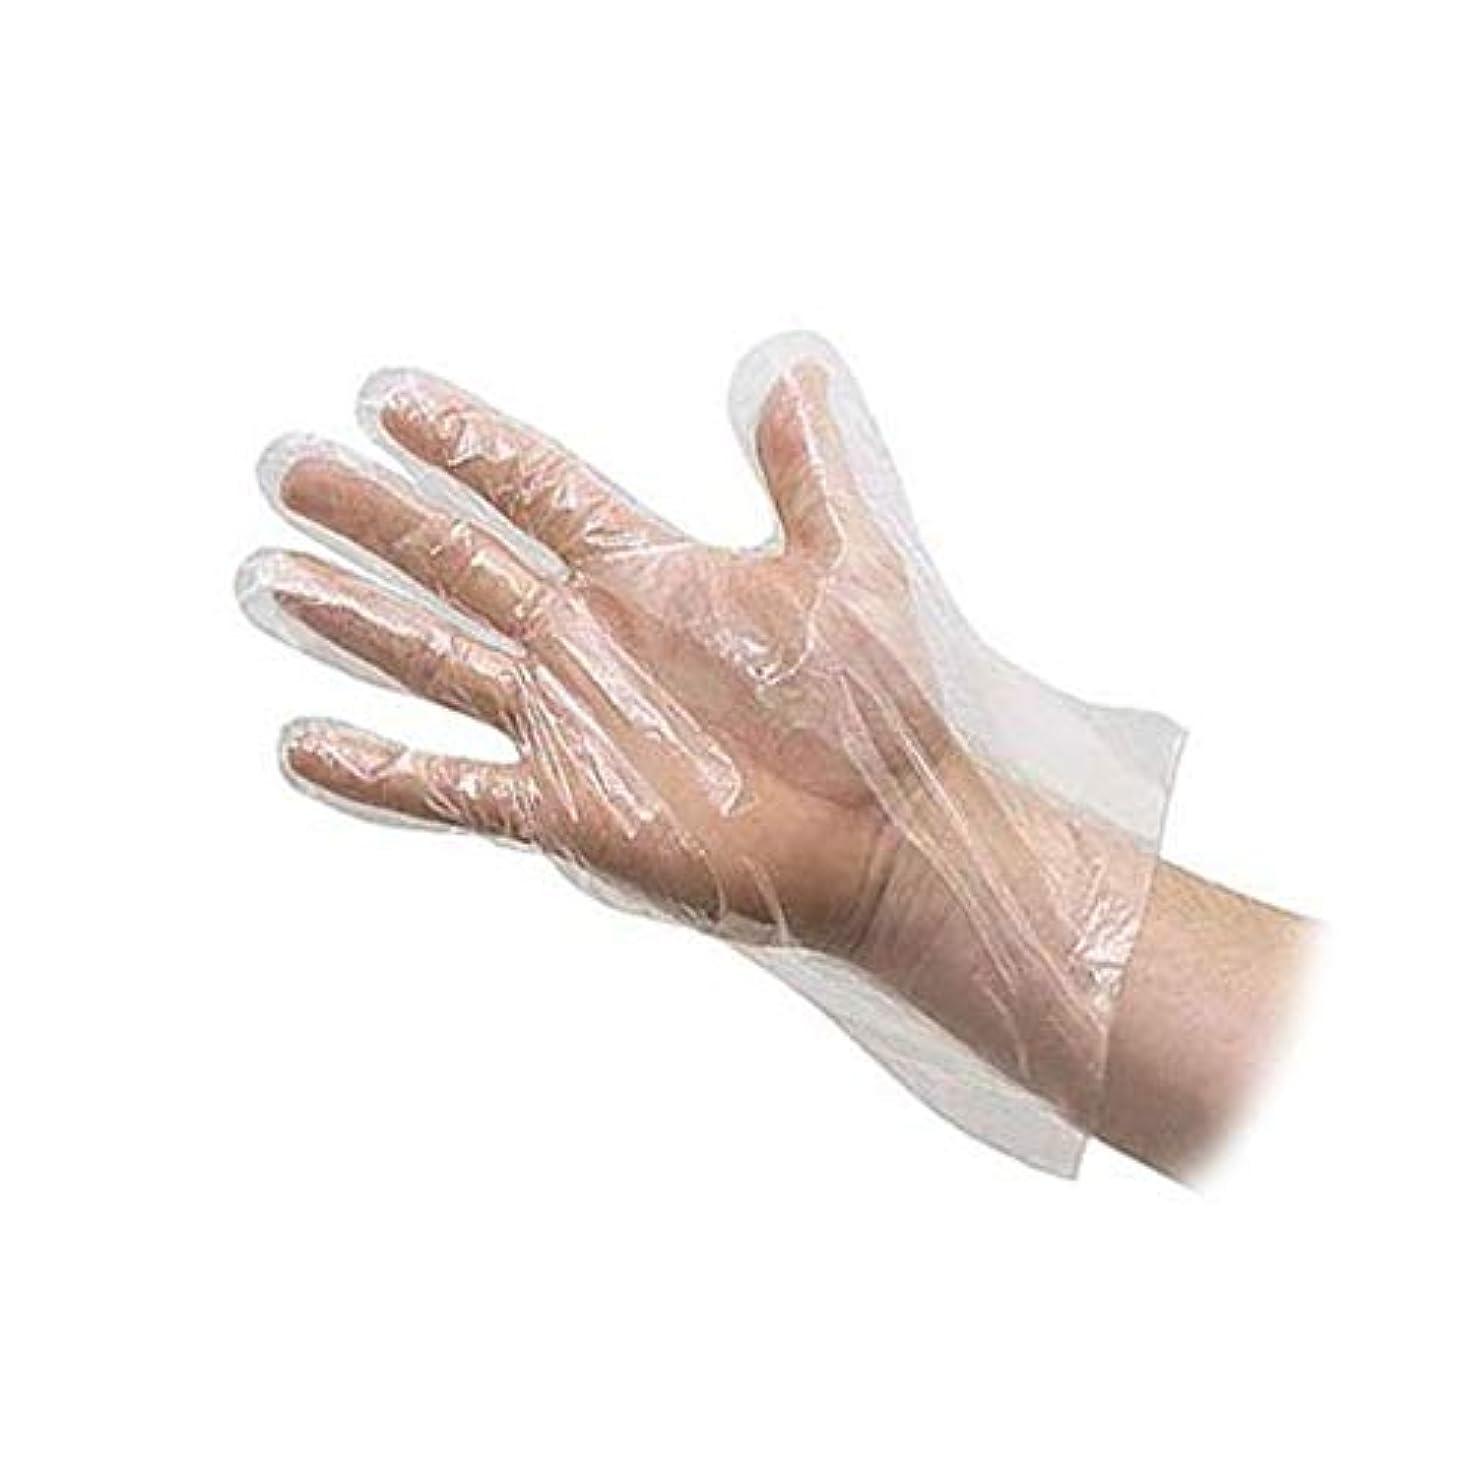 驚病者甲虫(デマ―クト)De?markt ポリエチレン 手袋 使い捨て手袋 カタエンボス 調理用 食品 プラスチック ホワイト 粉なし 食品衛生 透明 左右兼用 薄型 ビニール極薄手袋 100枚入